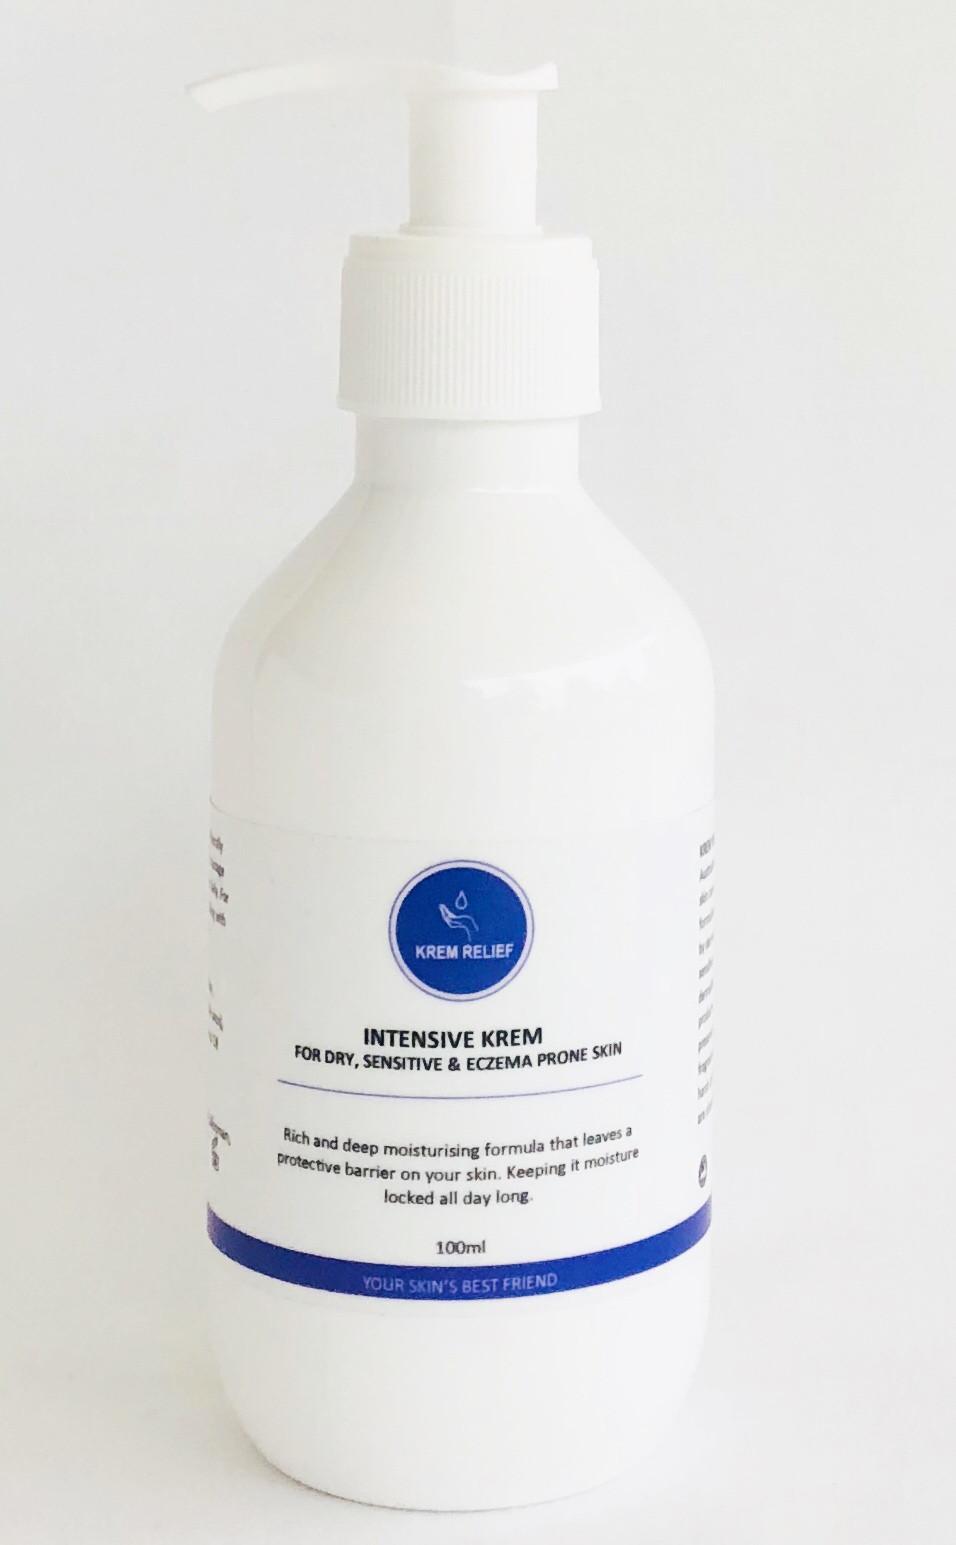 Bottle of intensive krem by krem relief